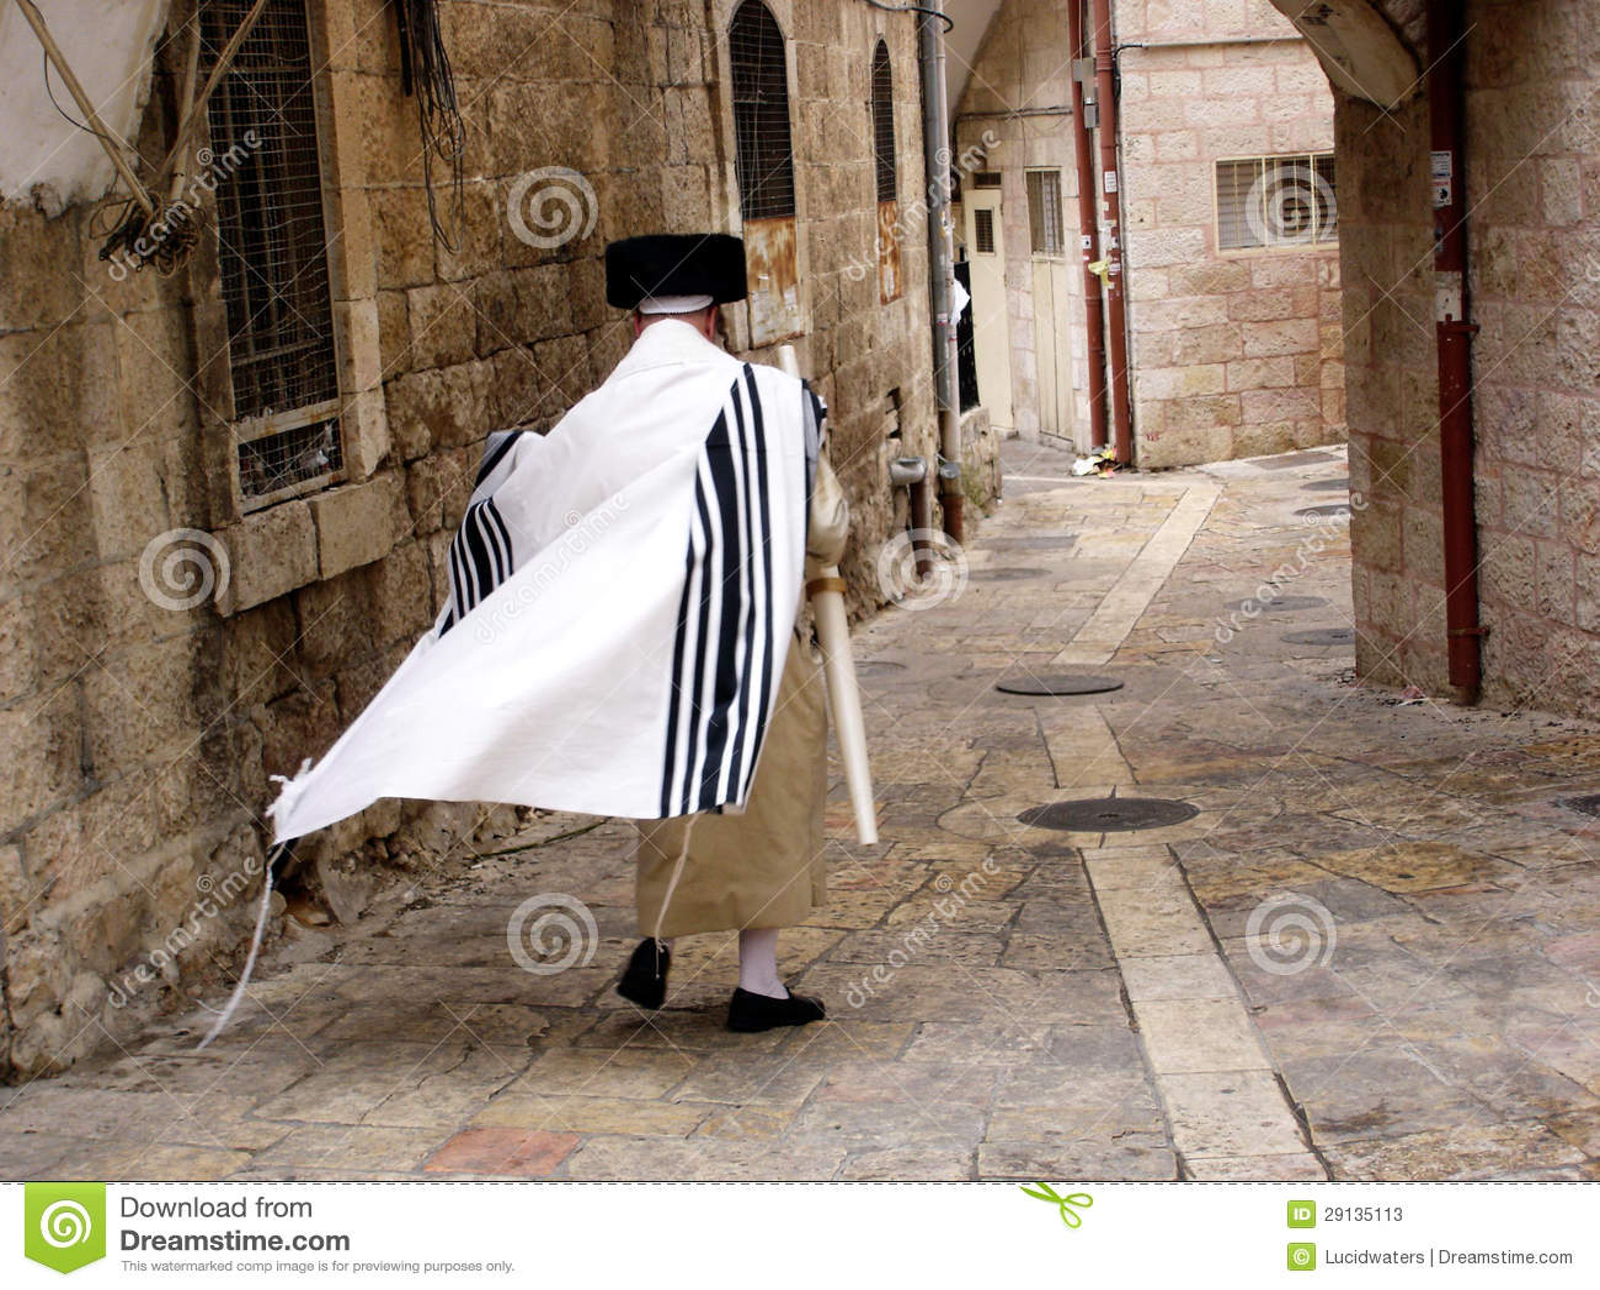 Vicinanza di Mea Shearim a Gerusalemme Israele.